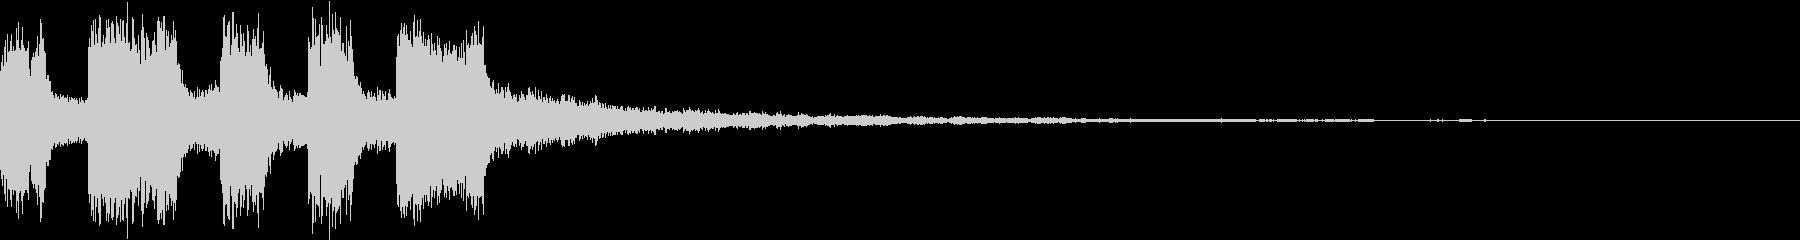 シンプル アナログ ファンファーレ 04の未再生の波形